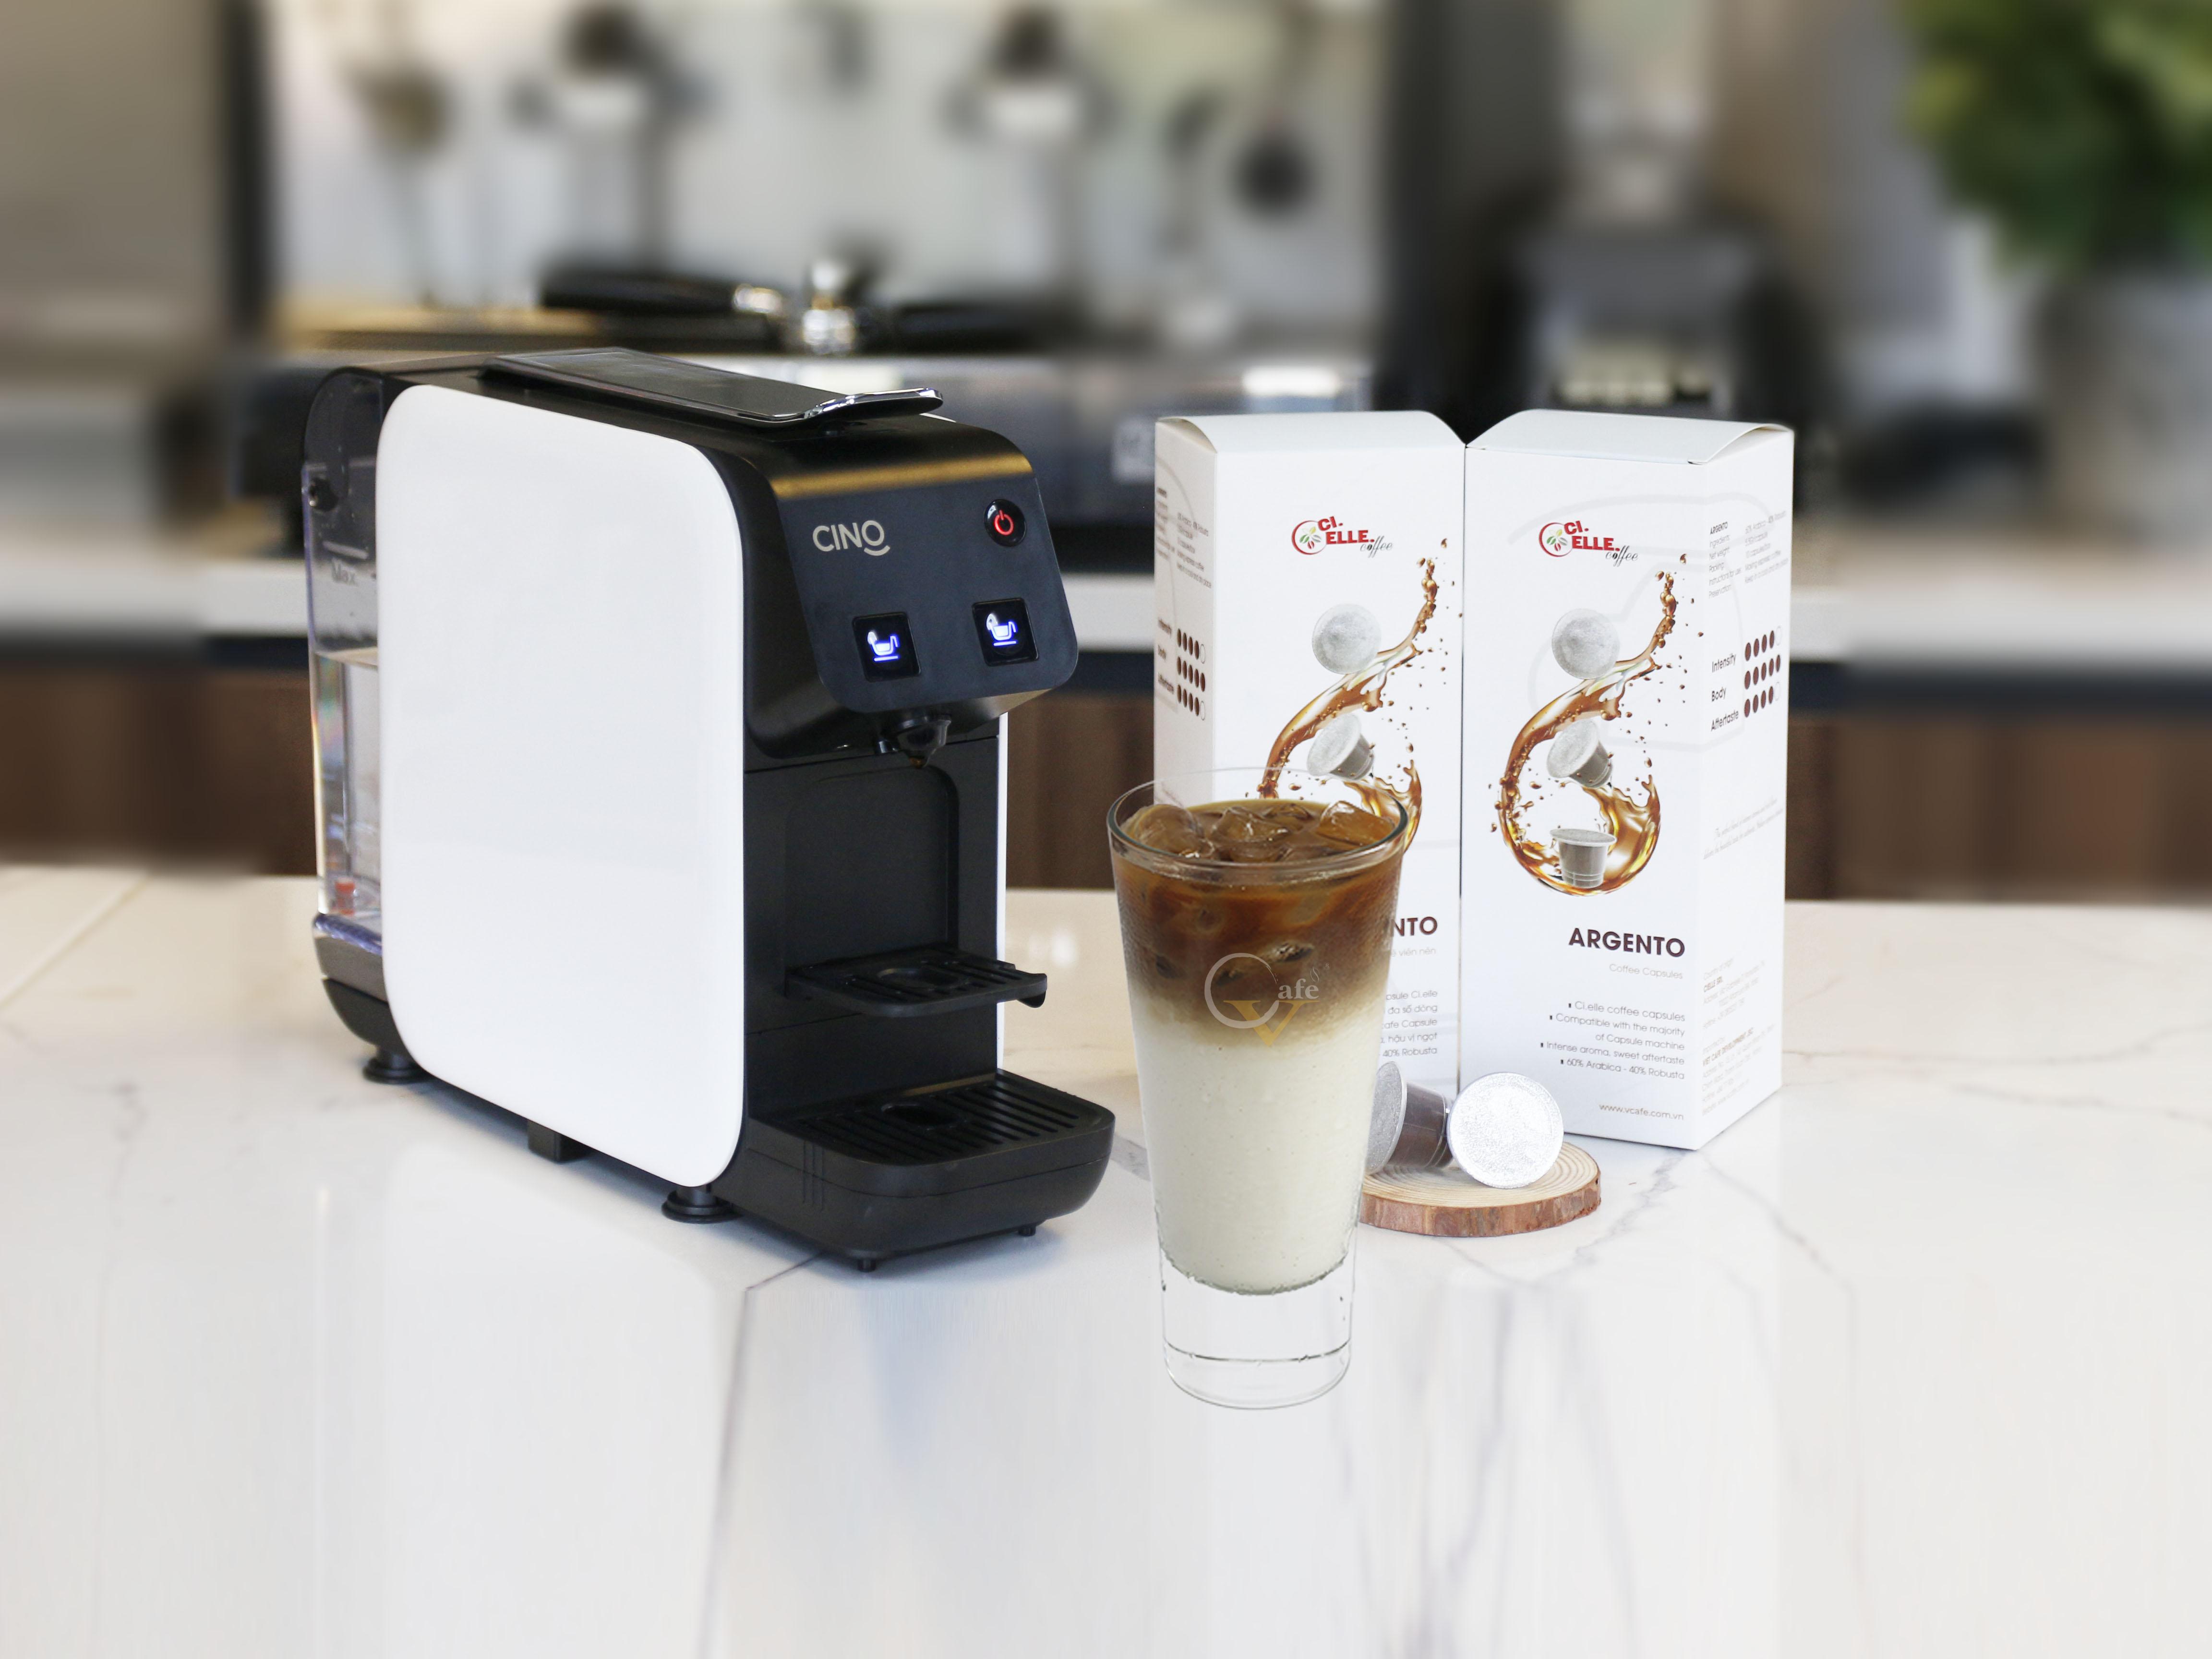 CAFE LATTE ĐÁ VỚI CAFE CAPSULE TẠI NHÀ